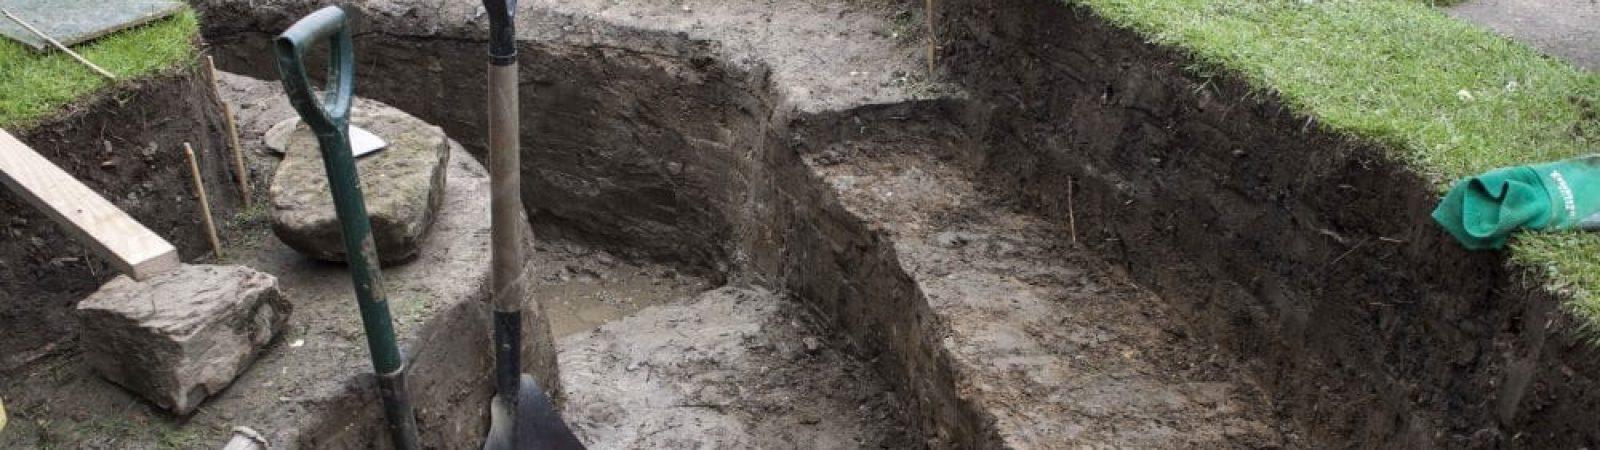 Как копать яму под канализацию?